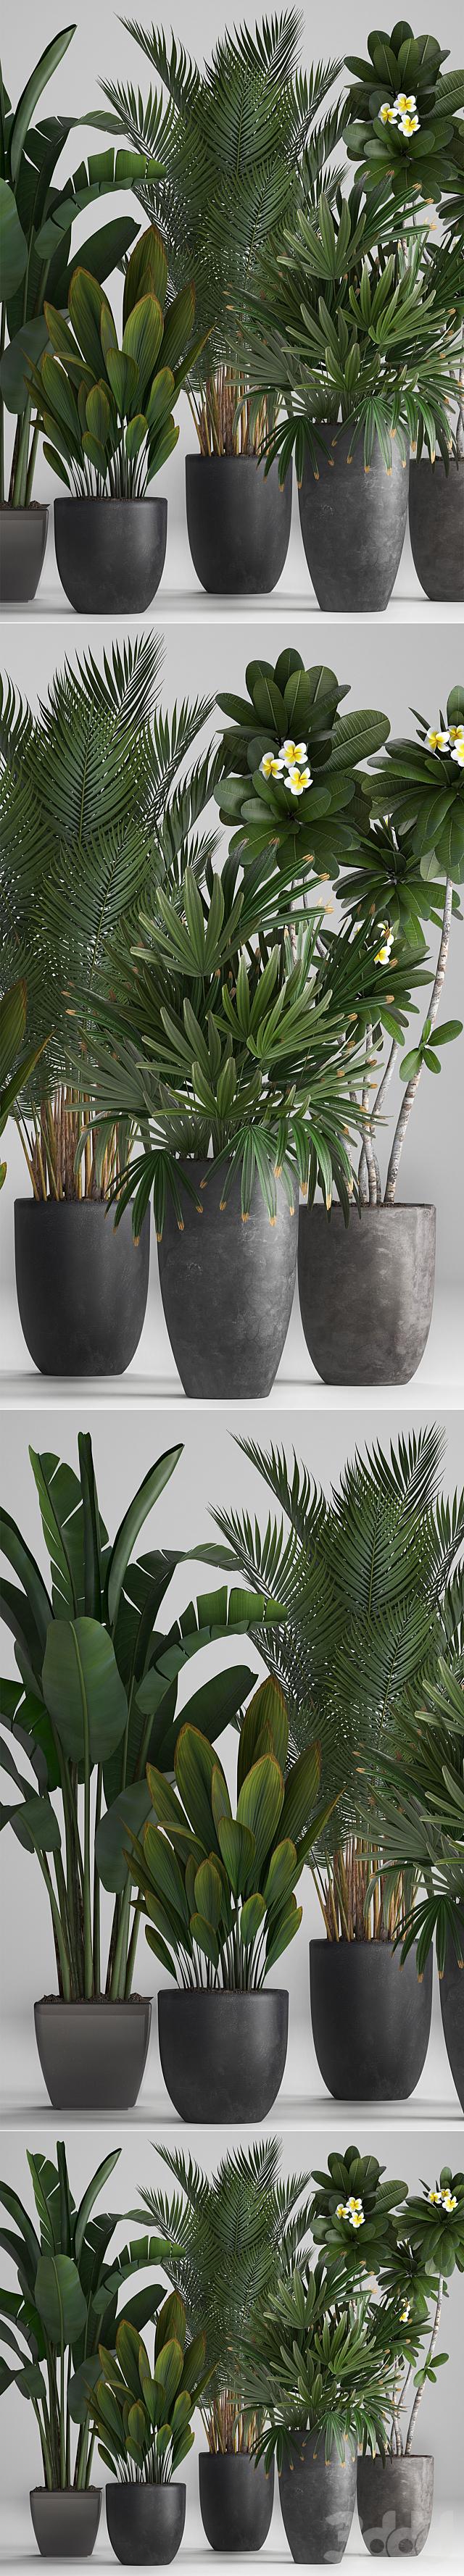 Коллекция растений 256.